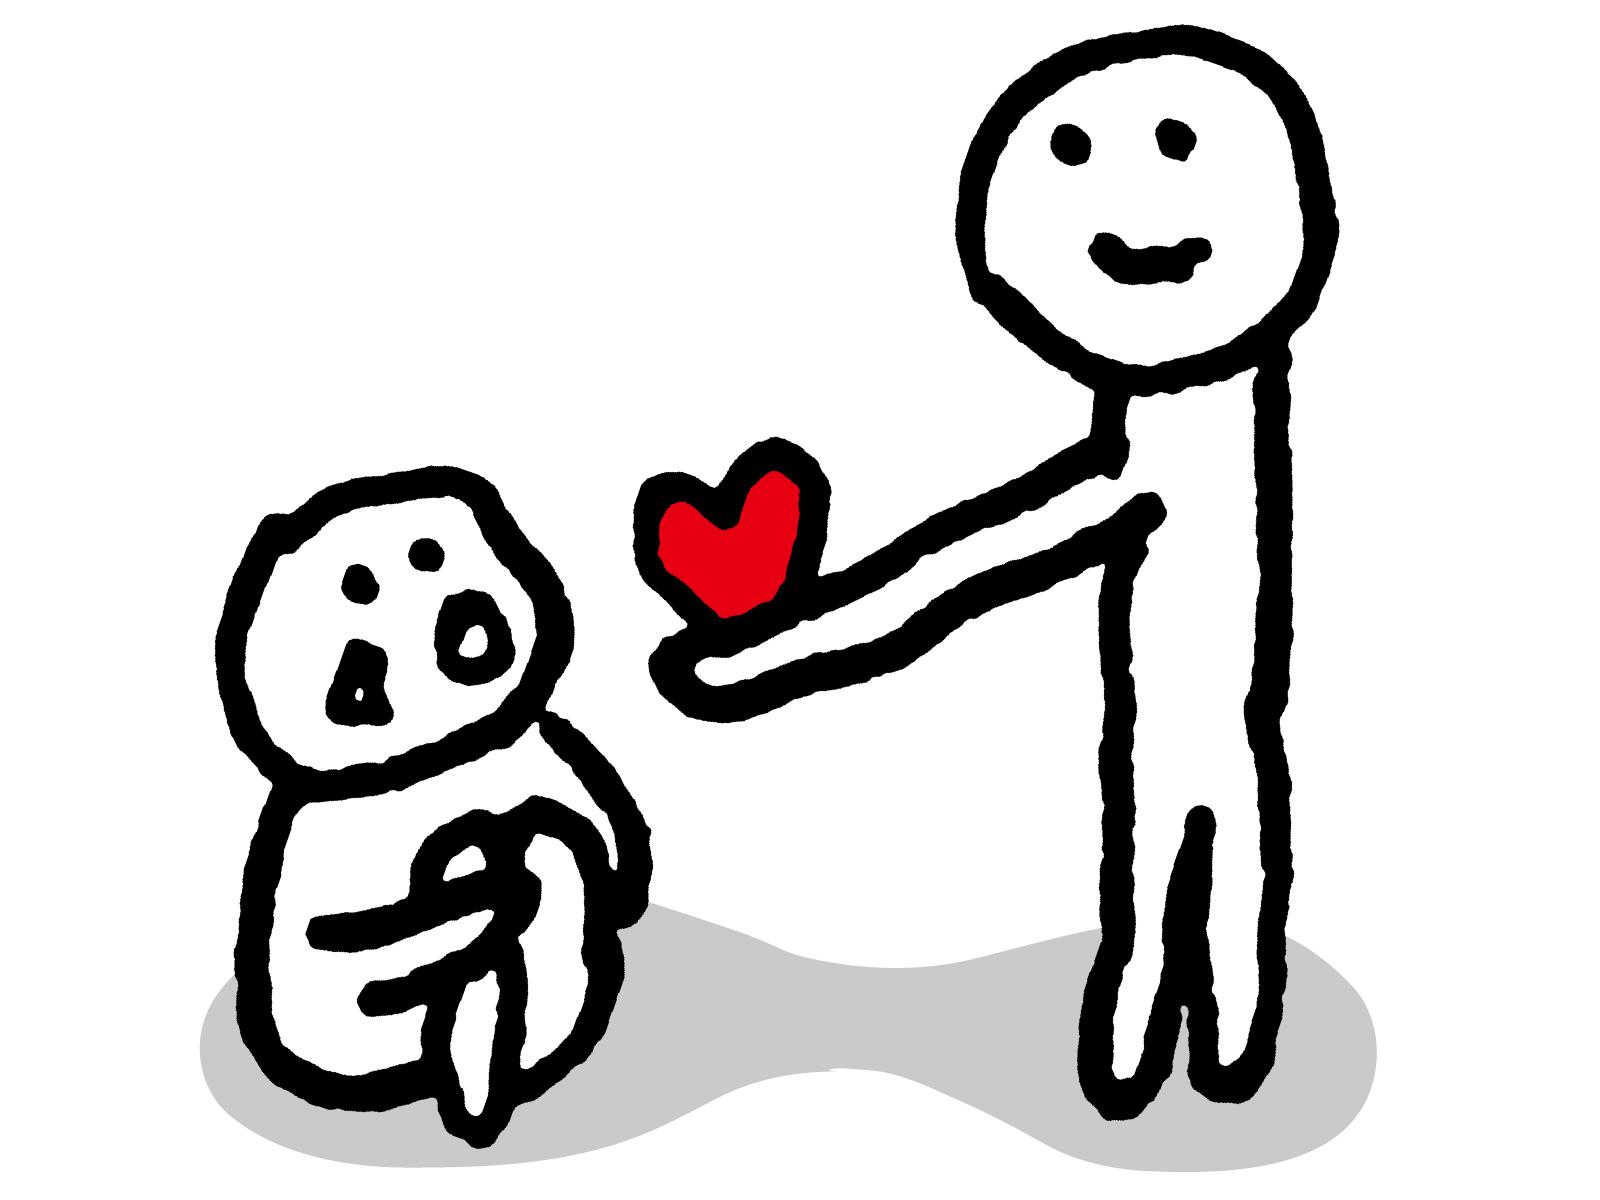 発達障害者が人間関係を良くするためにすべきこと